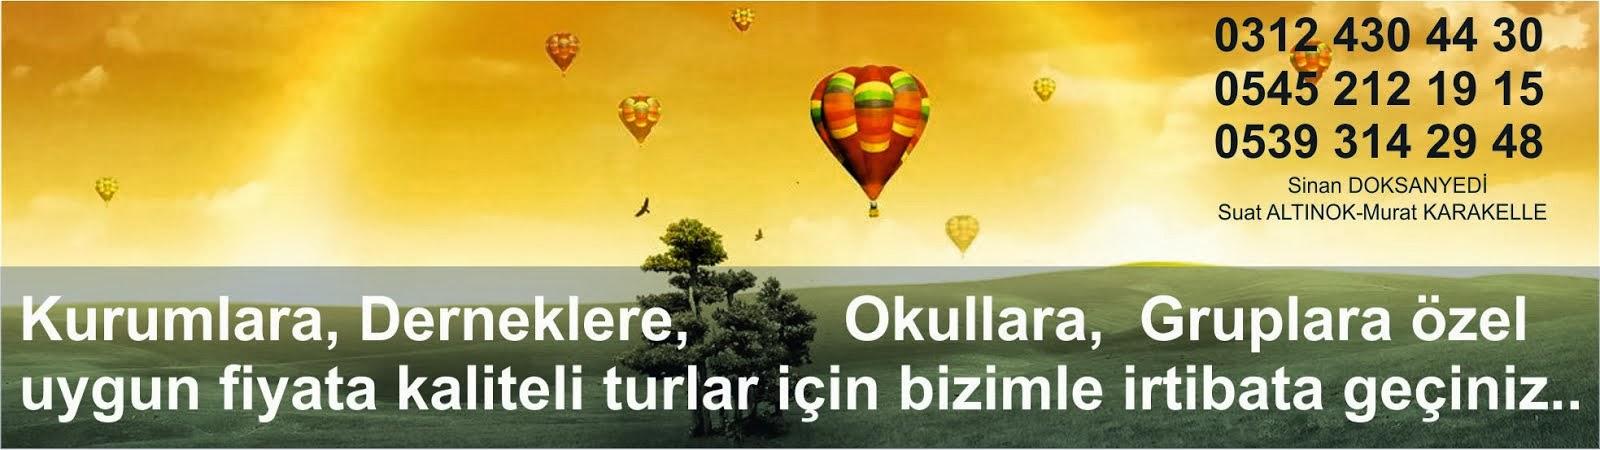 Ramazan bayramı Turları, Seker Bayrami gezileri,  Ankara çıkışlı bayram turları